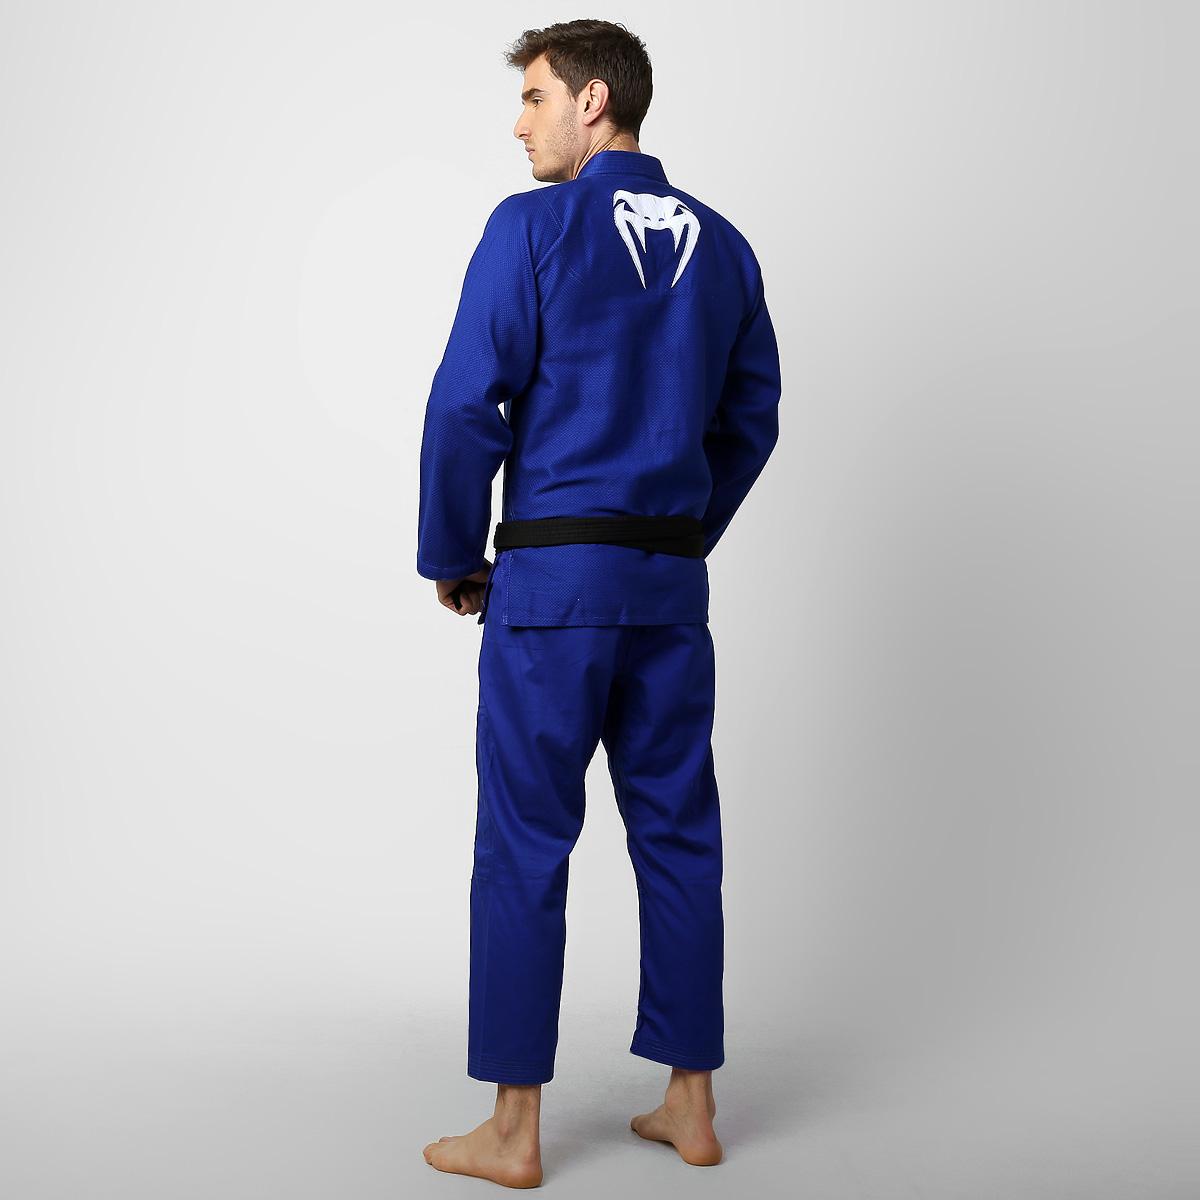 Kimono Jiu Jitsu - Contender BJJ - Trancado - Venum - Azul .  - Loja do Competidor